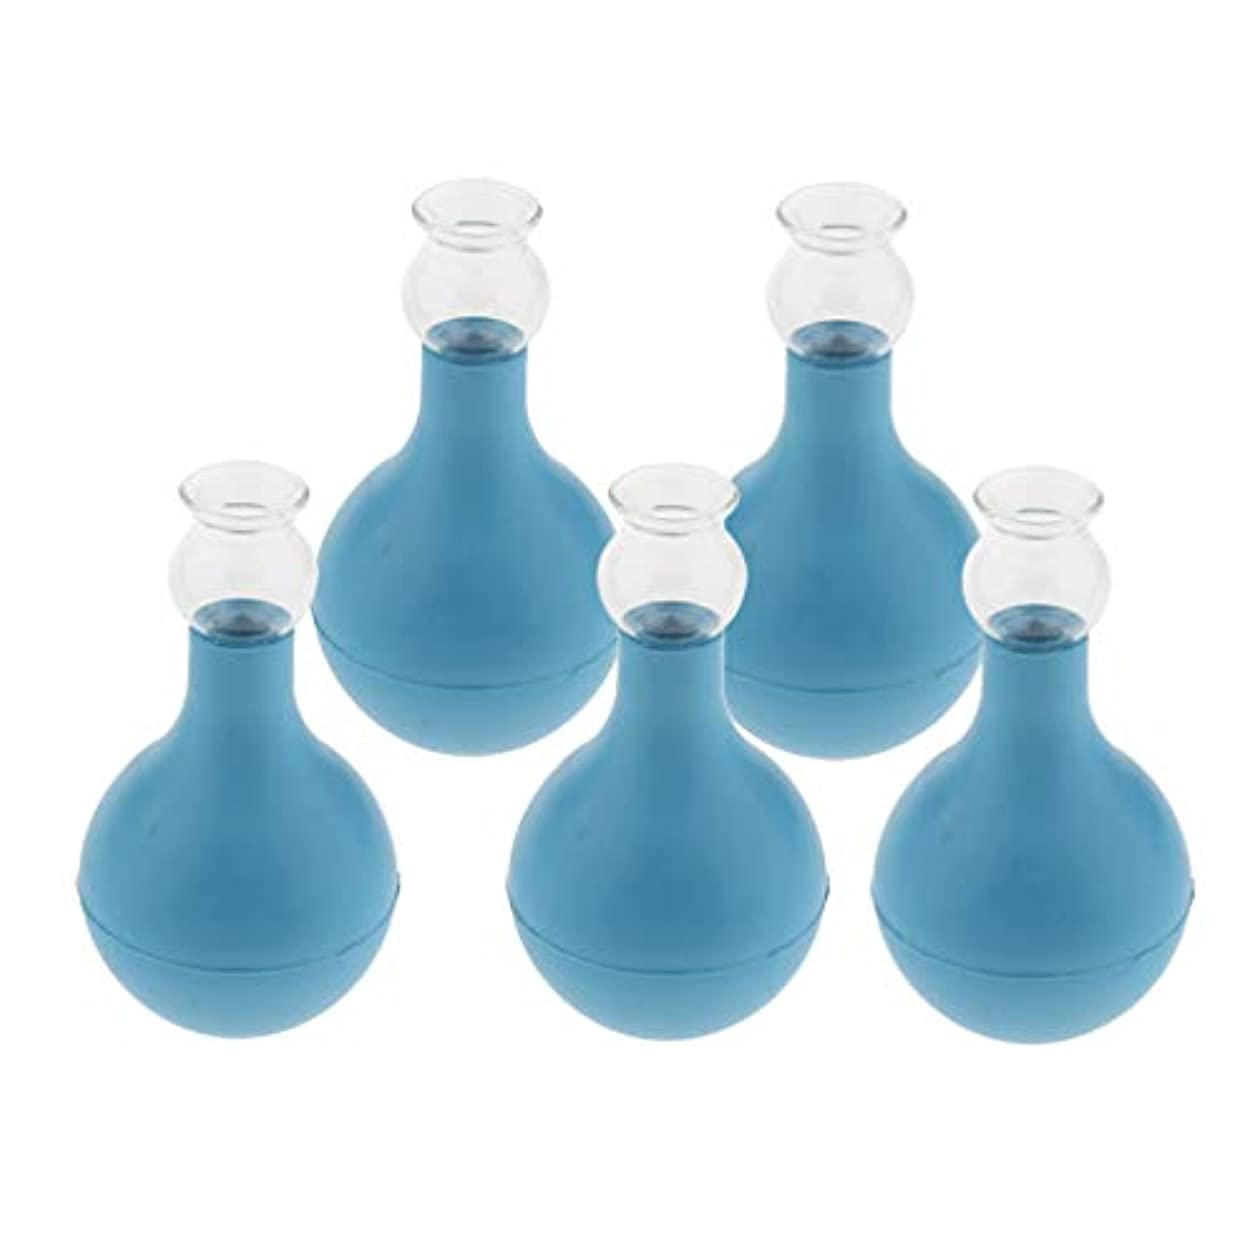 に話す飼料慰め5個 セルライト対策 カッピング ガラス/シリコン マッサージ吸い玉 使いやすい 腫脹緩和 2種選ぶ - ブルー+ブルー3cm, 3cm